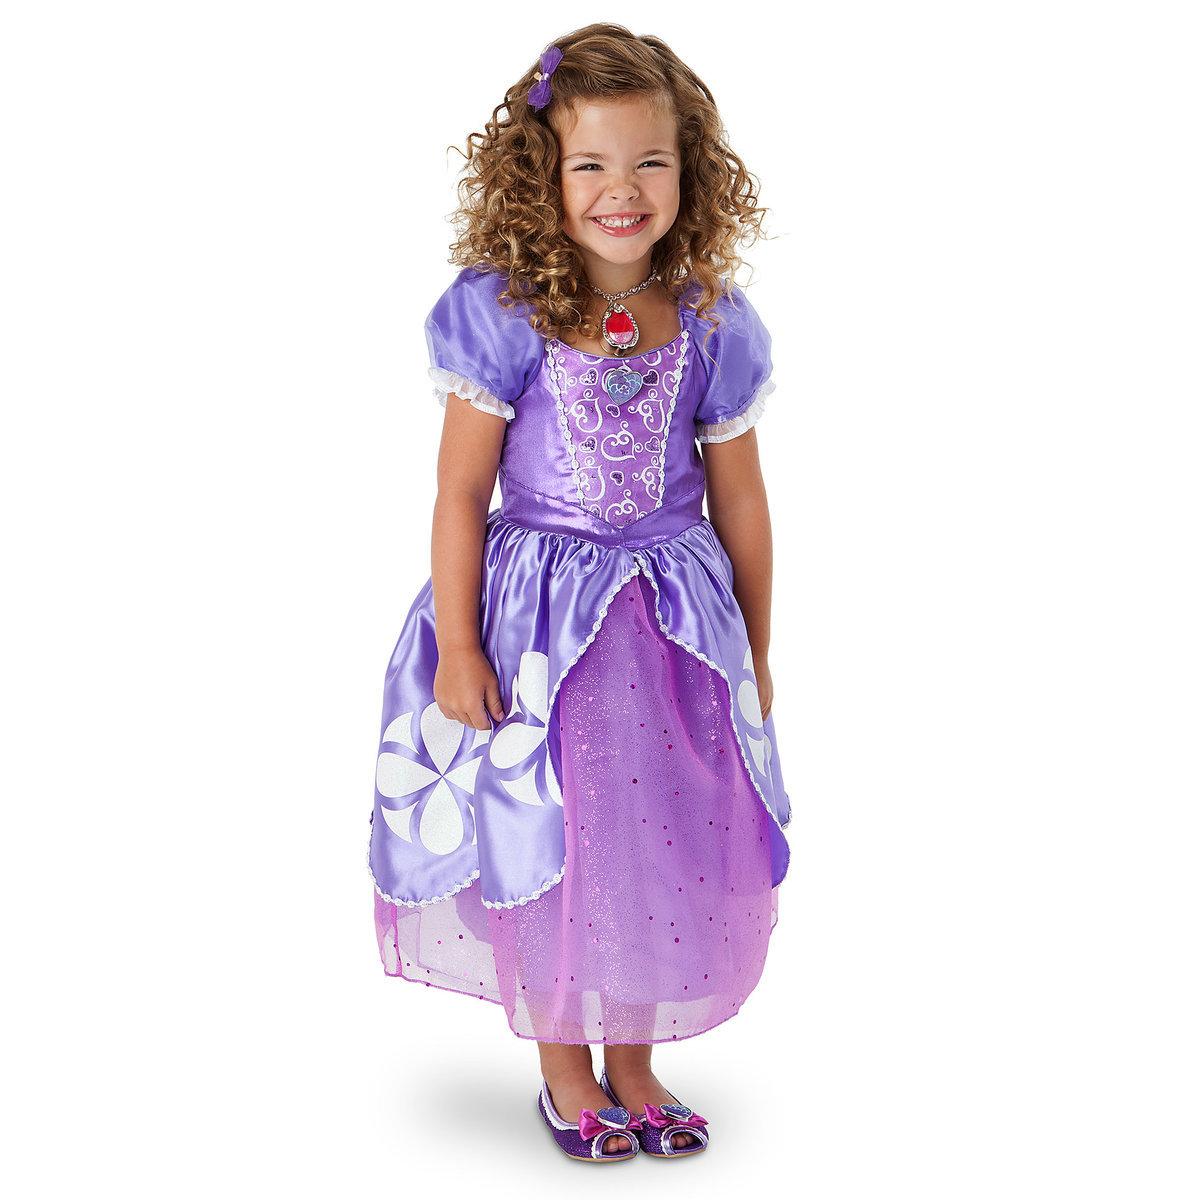 ชุดคอสตูมสำหรับเด็ก Disney Costume for Kids (Sofia the First)